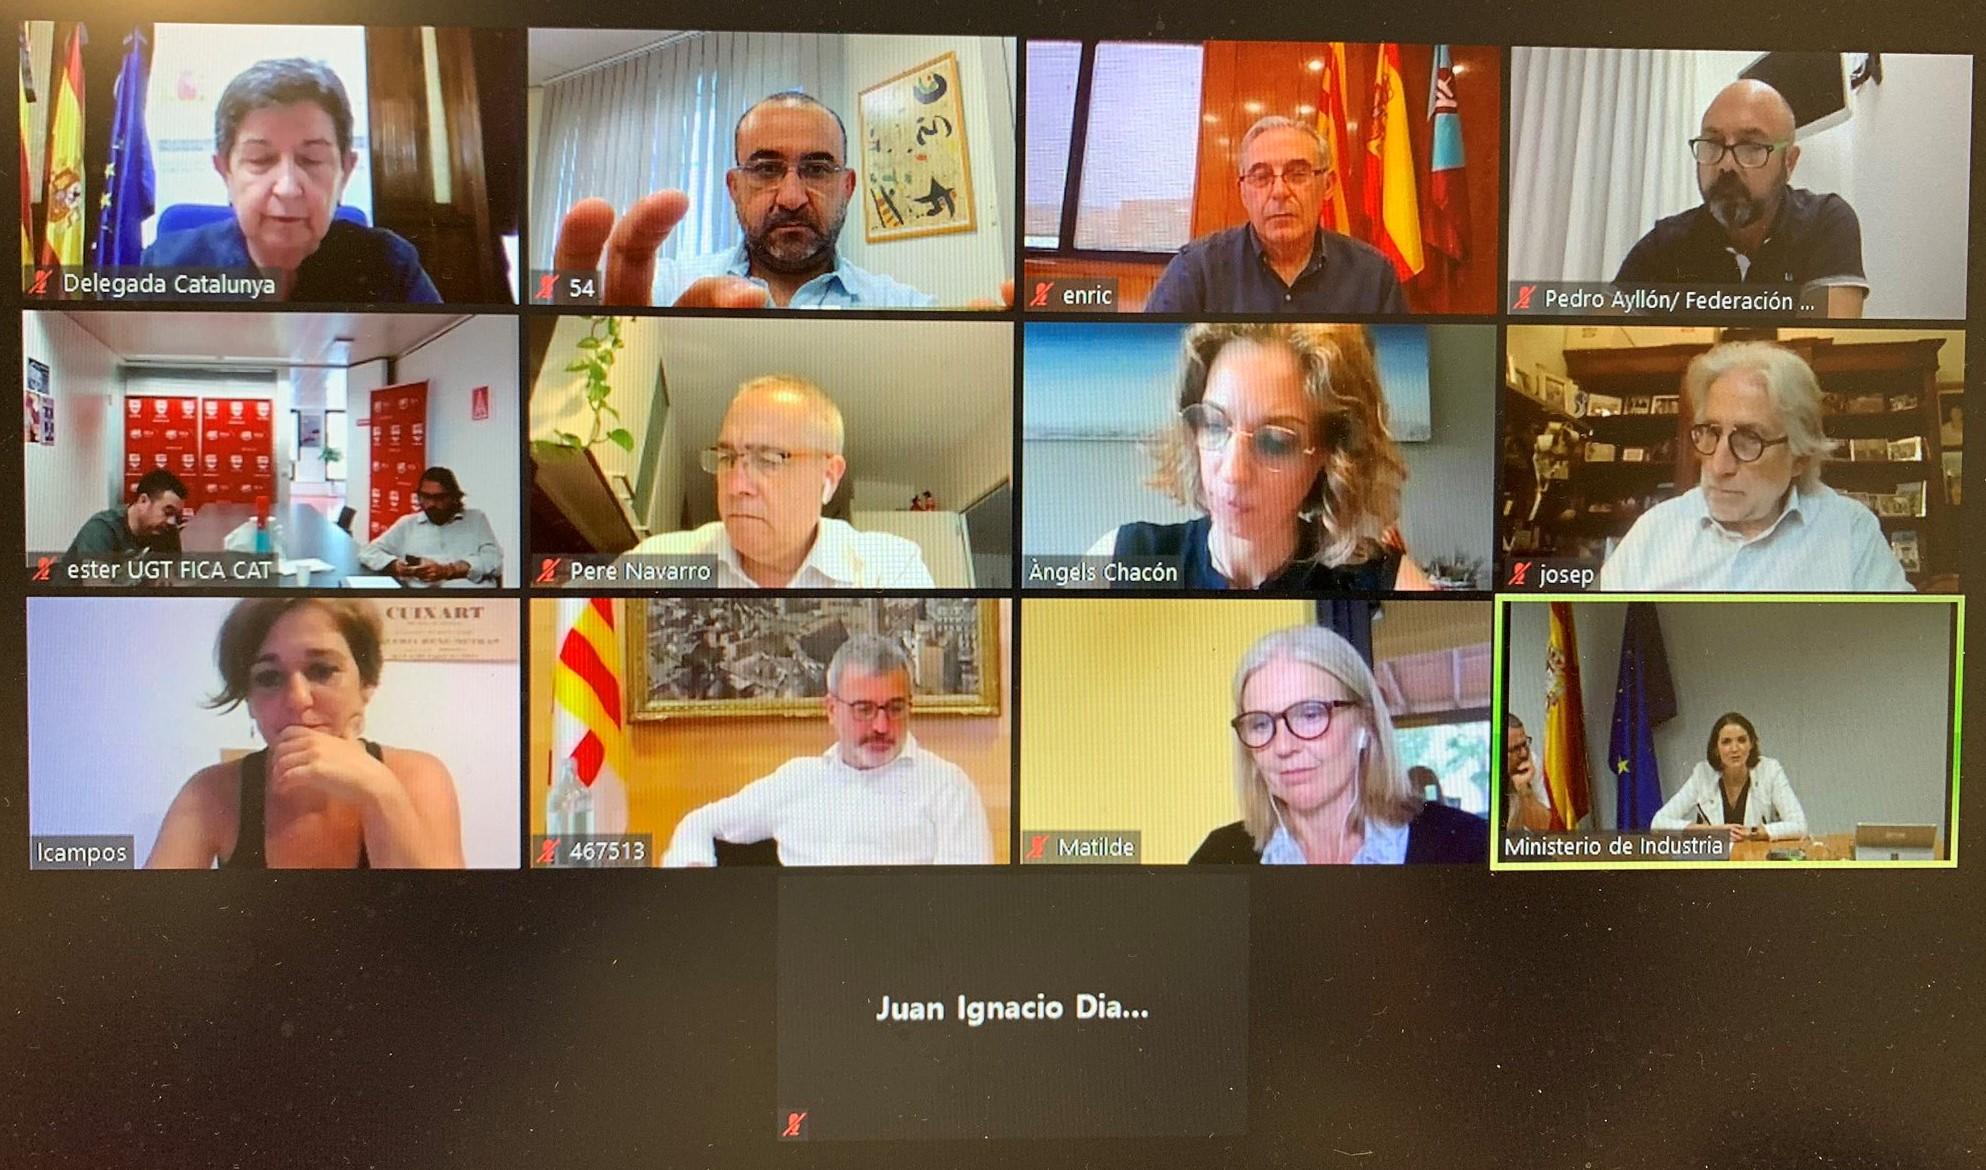 imatge videoconferencia reuniý administracions i agents socials sobre situaciý Nissan 2-6-2020